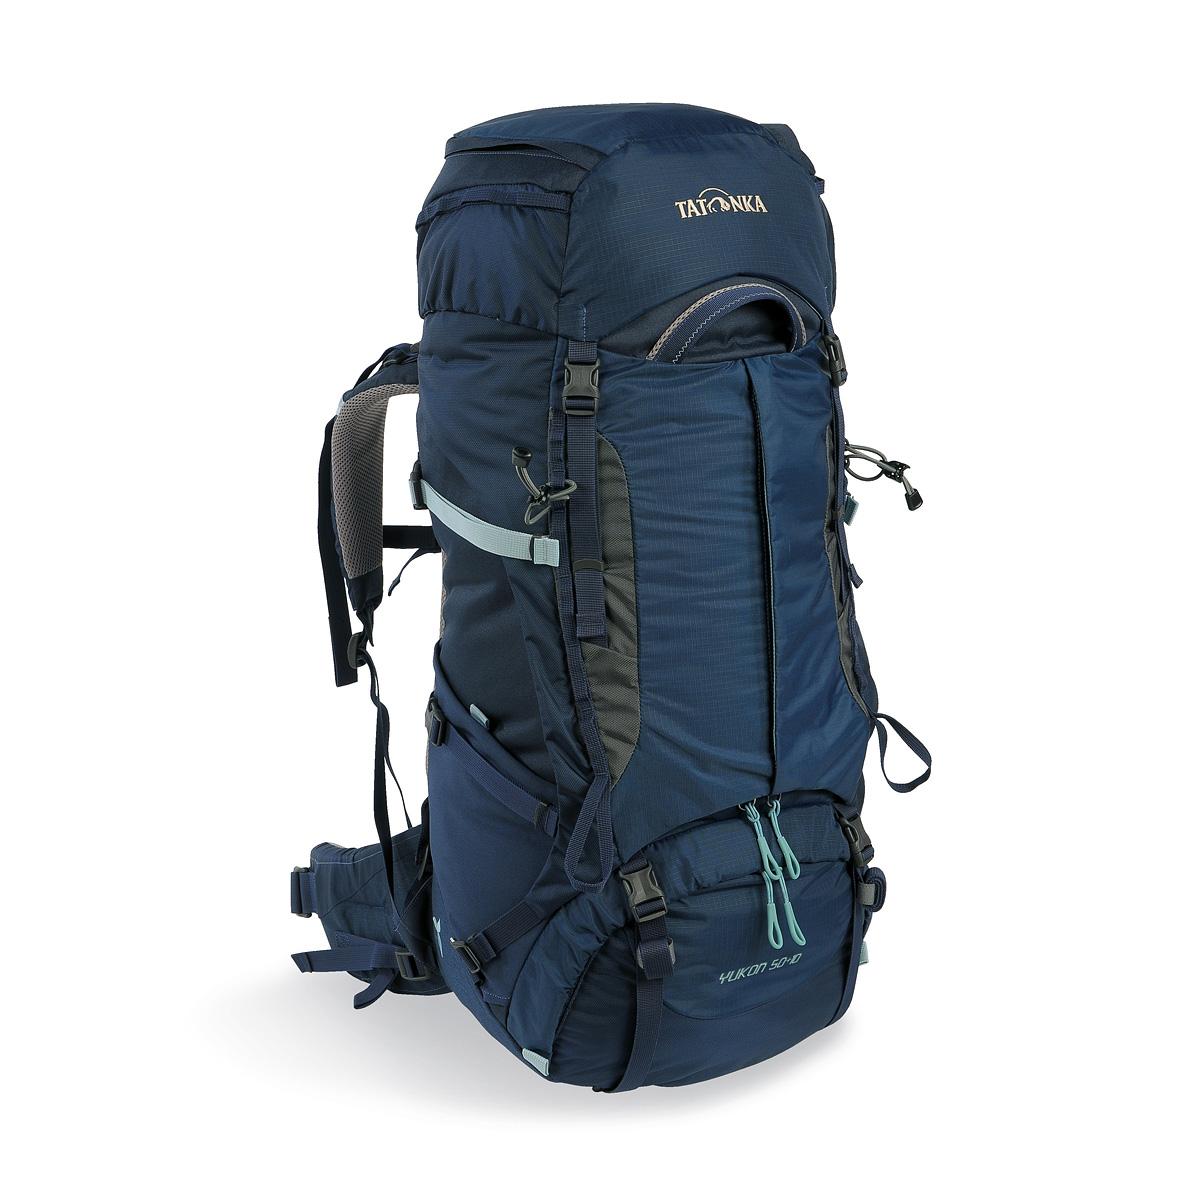 Рюкзак Tatonka Yukon 50+10 Women navyЖенский рюкзак Tatonka Yukon 50+10 Women - это идеальный выбор для широкого спектра туризма. Рюкзак оптимизирован для нагрузок до 25 кг и предлагает идеальное сочетание легкости, прочности и производительности. Вес и эффективность v2 - это несущая система, которая на протяжении многих лет получила высшие награды, была улучшена для сезона 2017, с одной стороны, за счет использования более легких материалов, а с другой с трехмерным поясным. Удобный вход по центру рюкзака даёт возможность гораздо проще произвести укладку. Дно рюкзака изготовлено из прочного материала Cordura.<br><br>Вес кг: 2.30000000